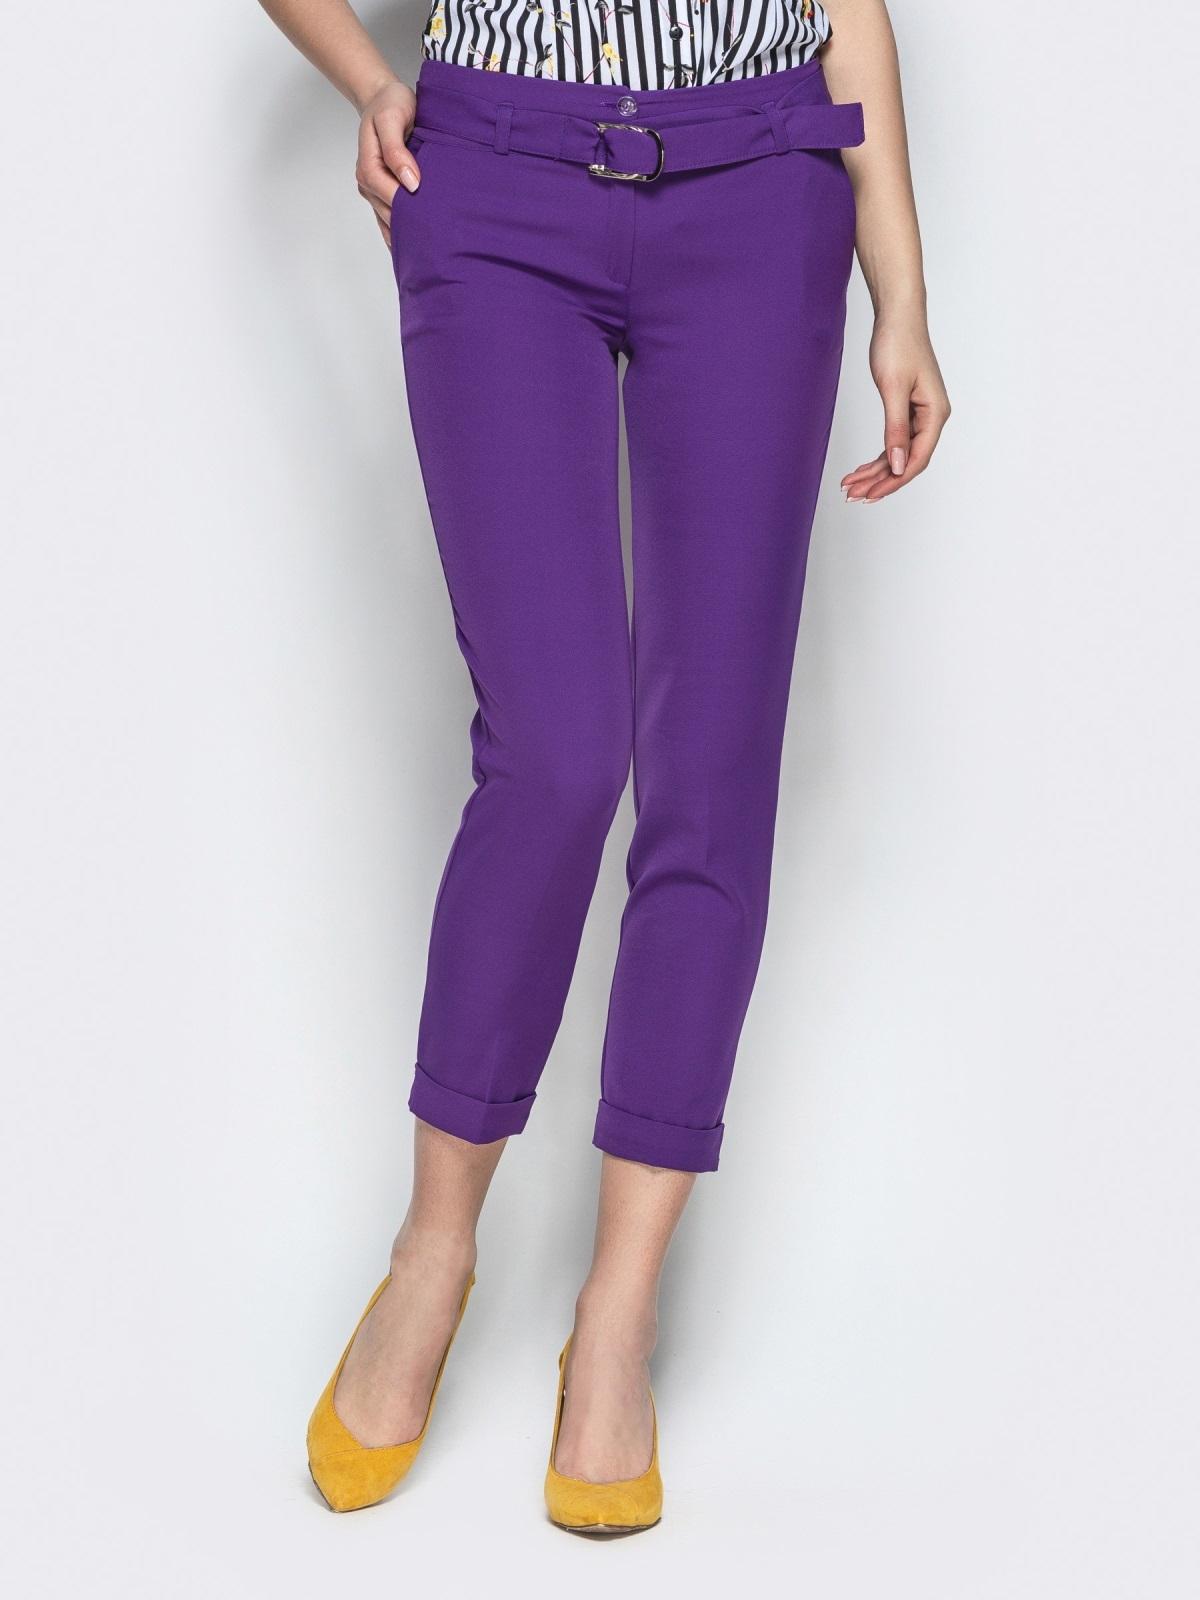 Укороченные брюки с поясом фиолетовые 21859, фото 1